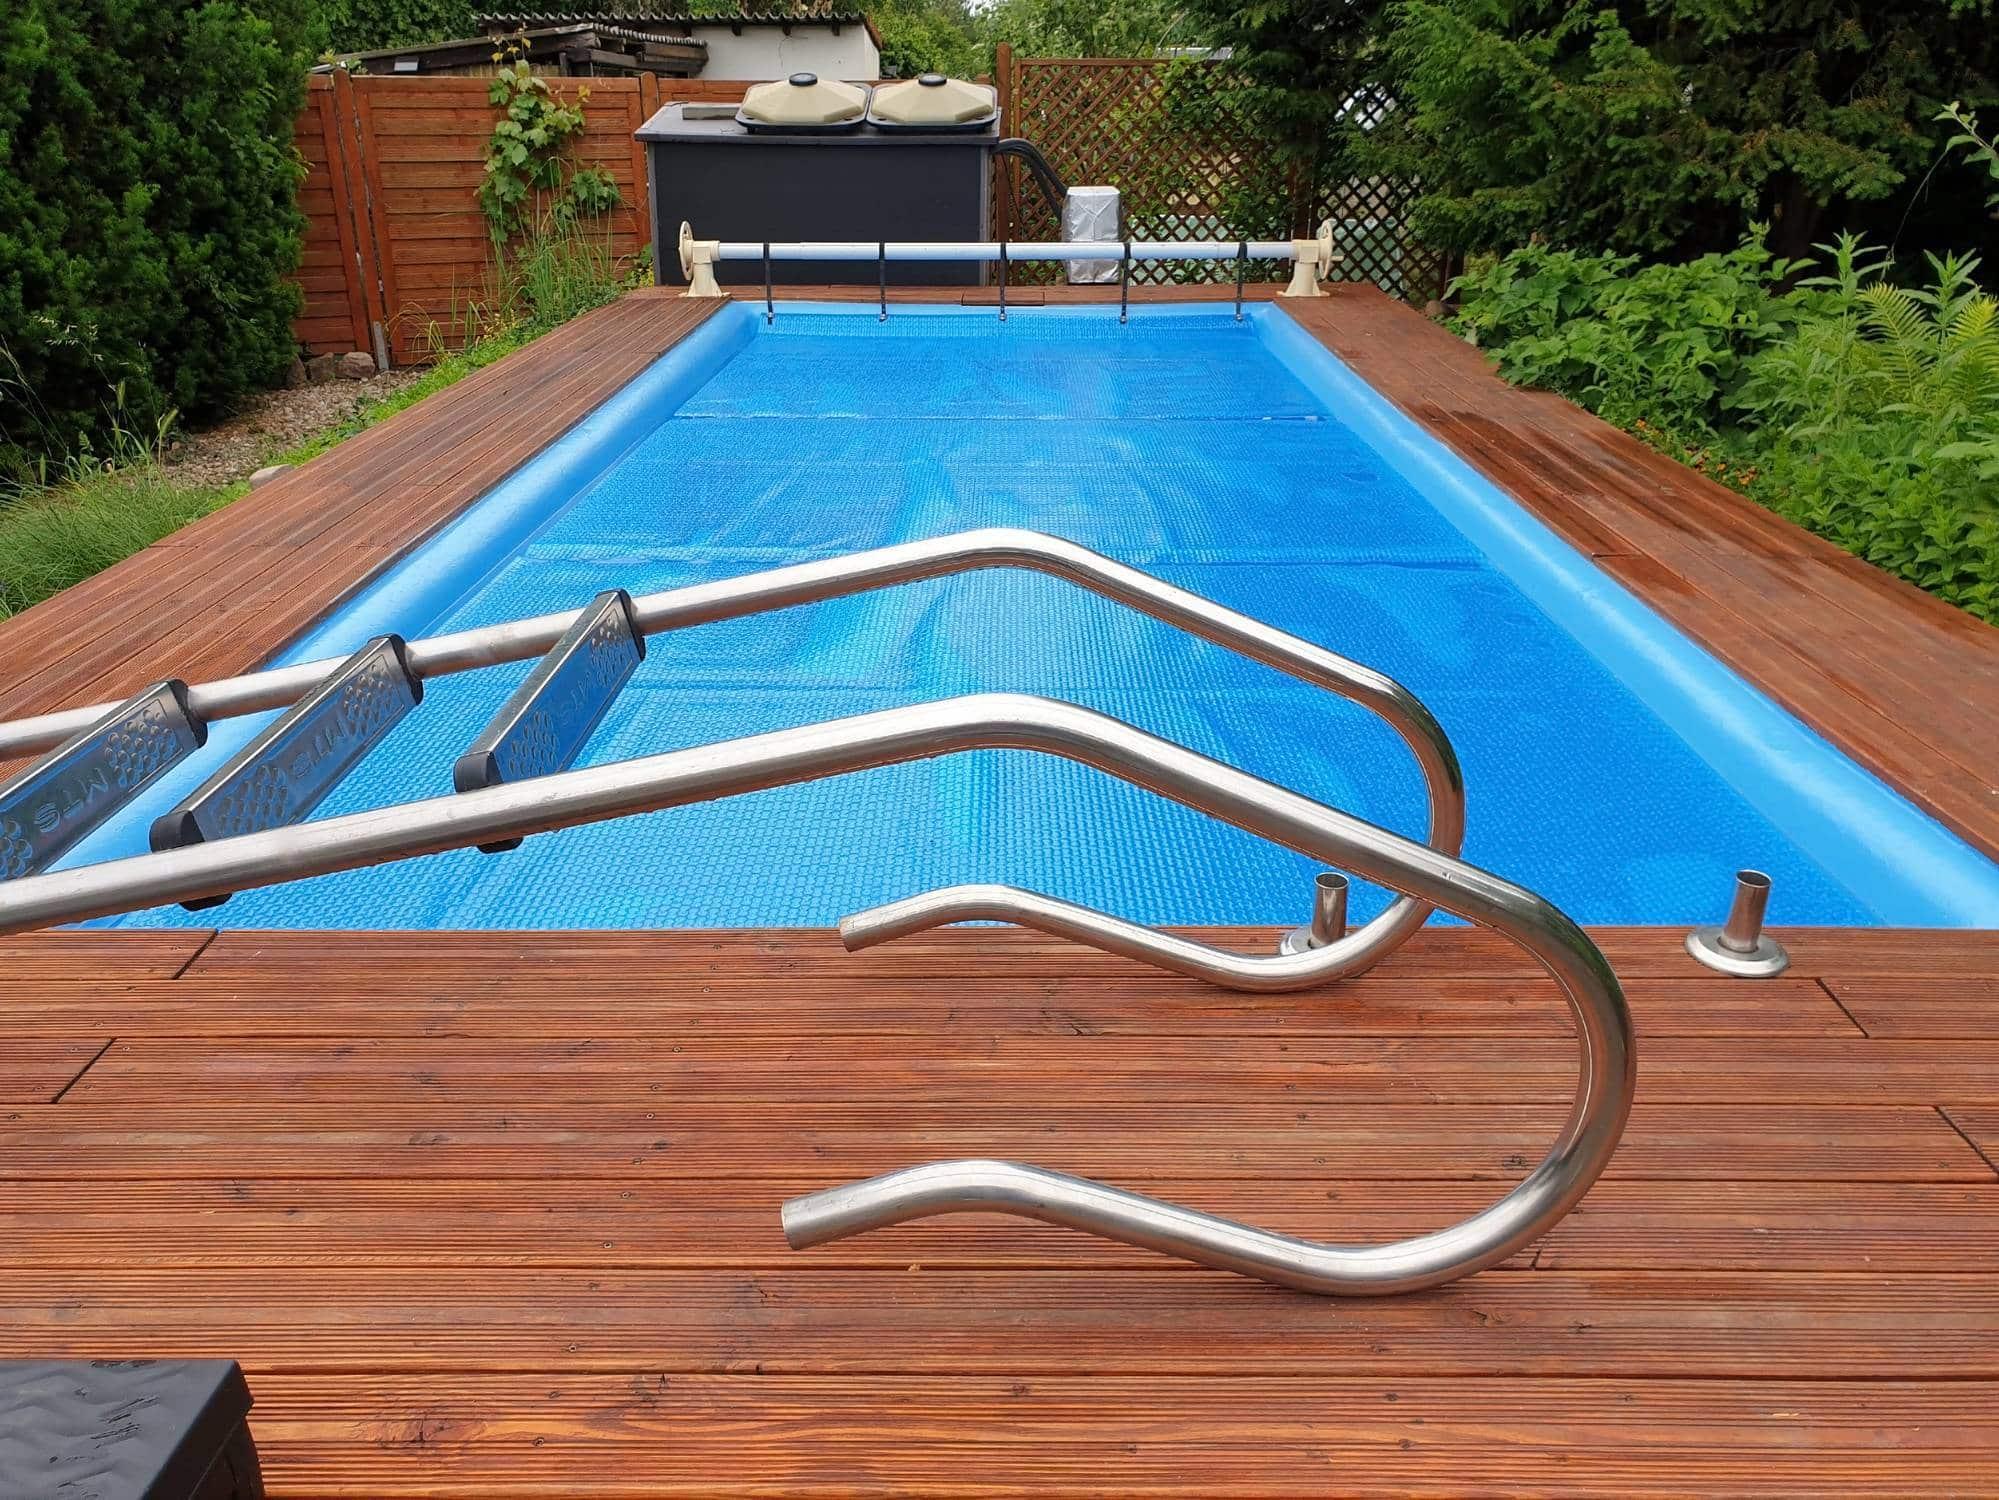 produits d'hivernage de piscine, comment réussir l'hivernage